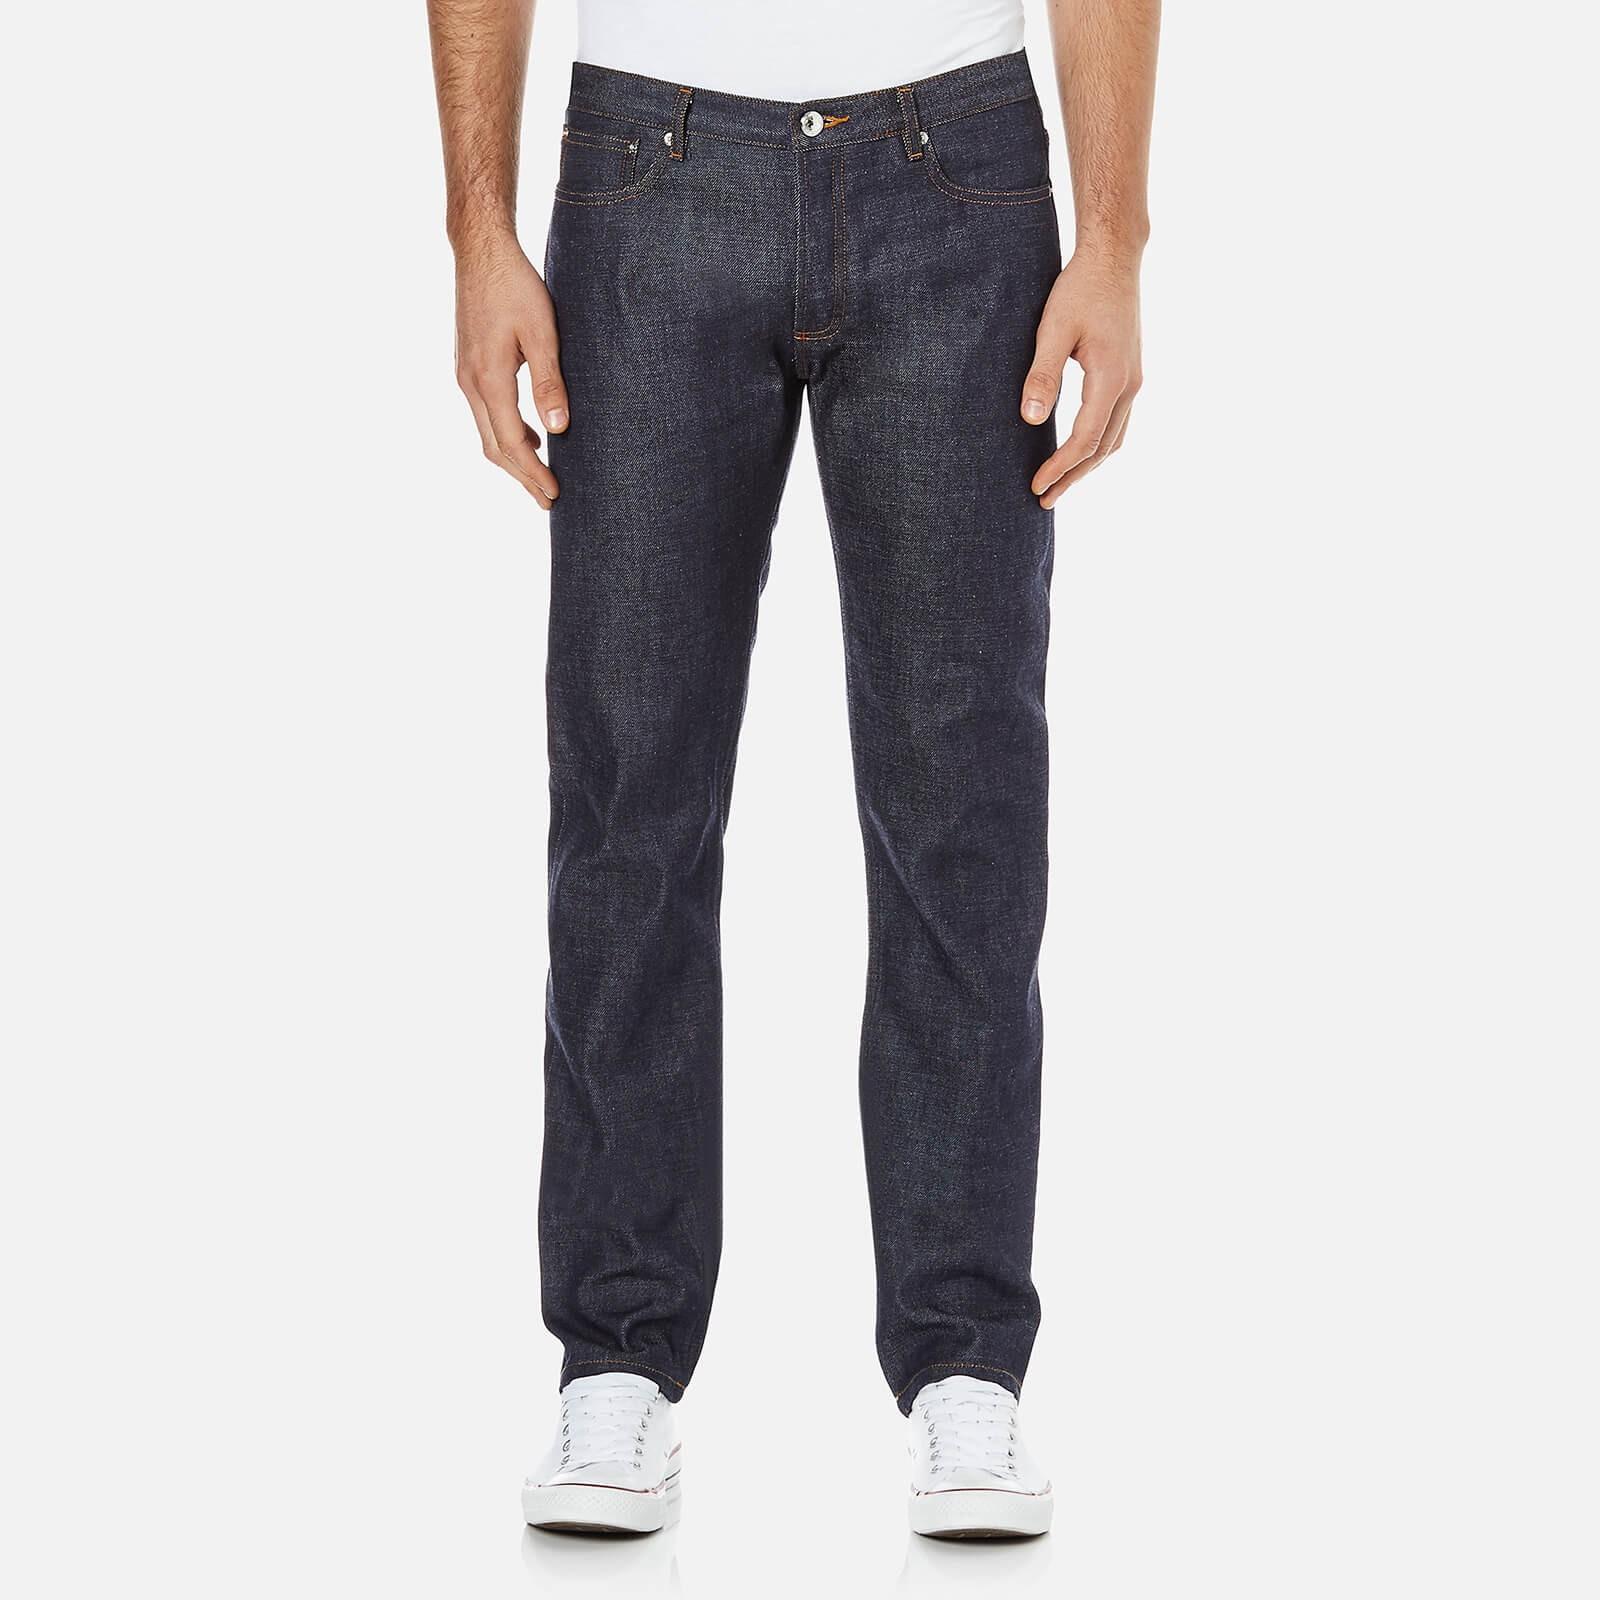 A.P.C. 男式牛仔裤